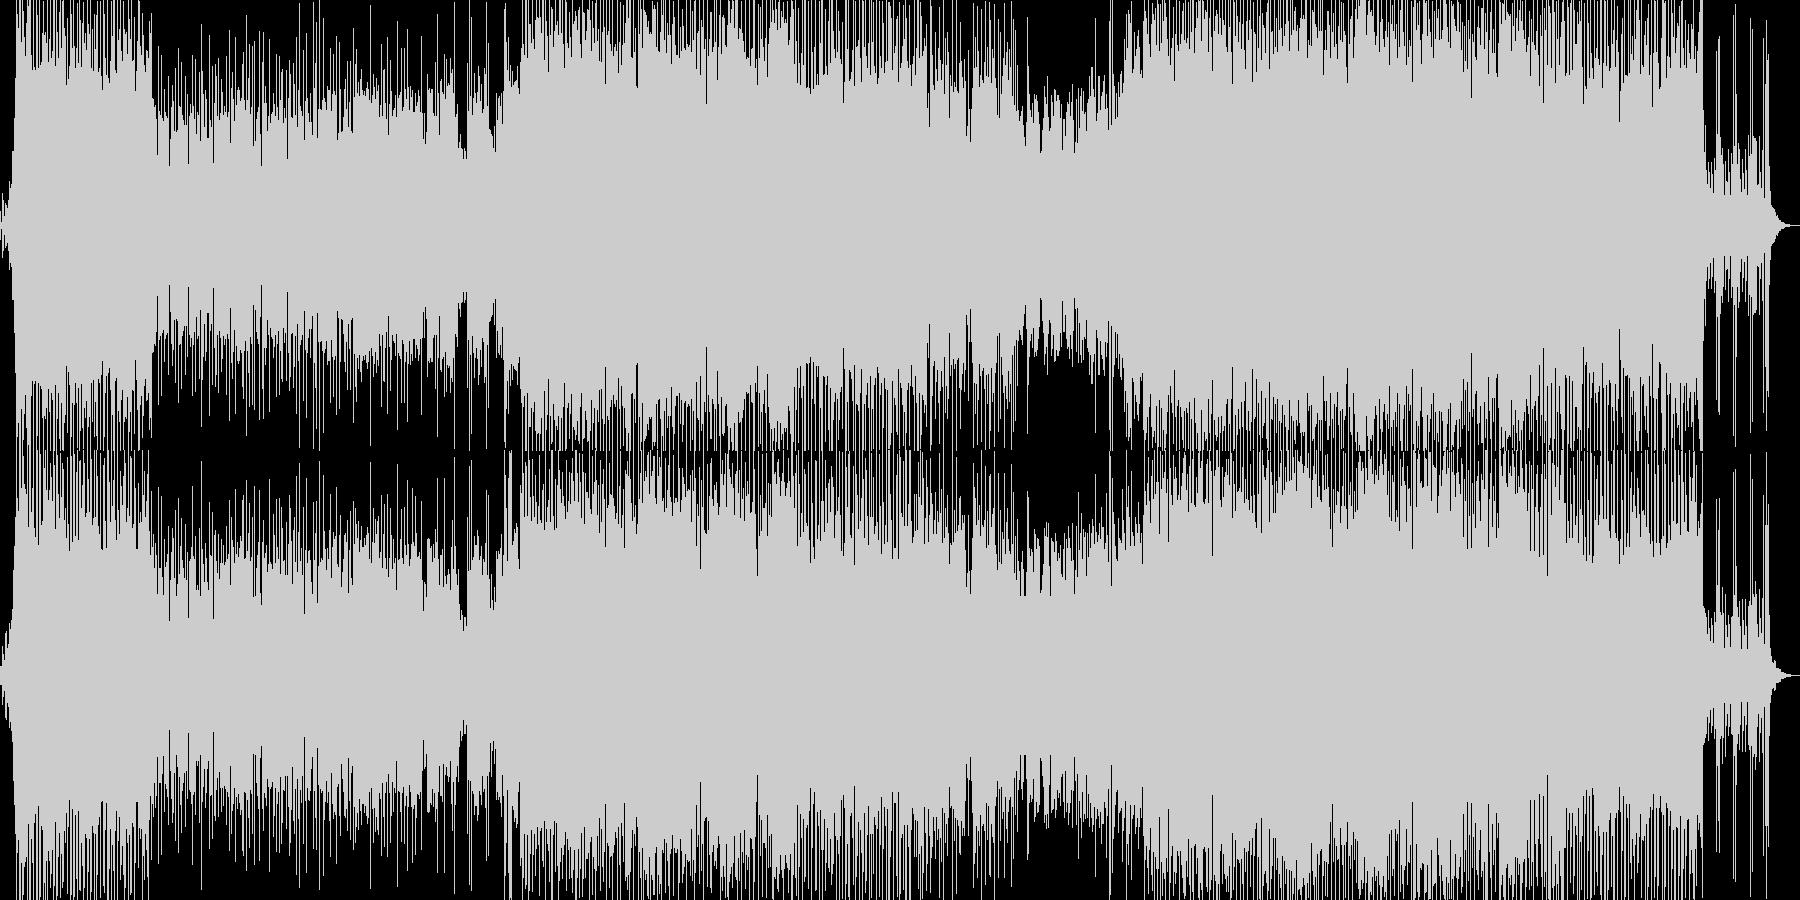 洋楽ばりに重厚でアップテンポなロックの未再生の波形